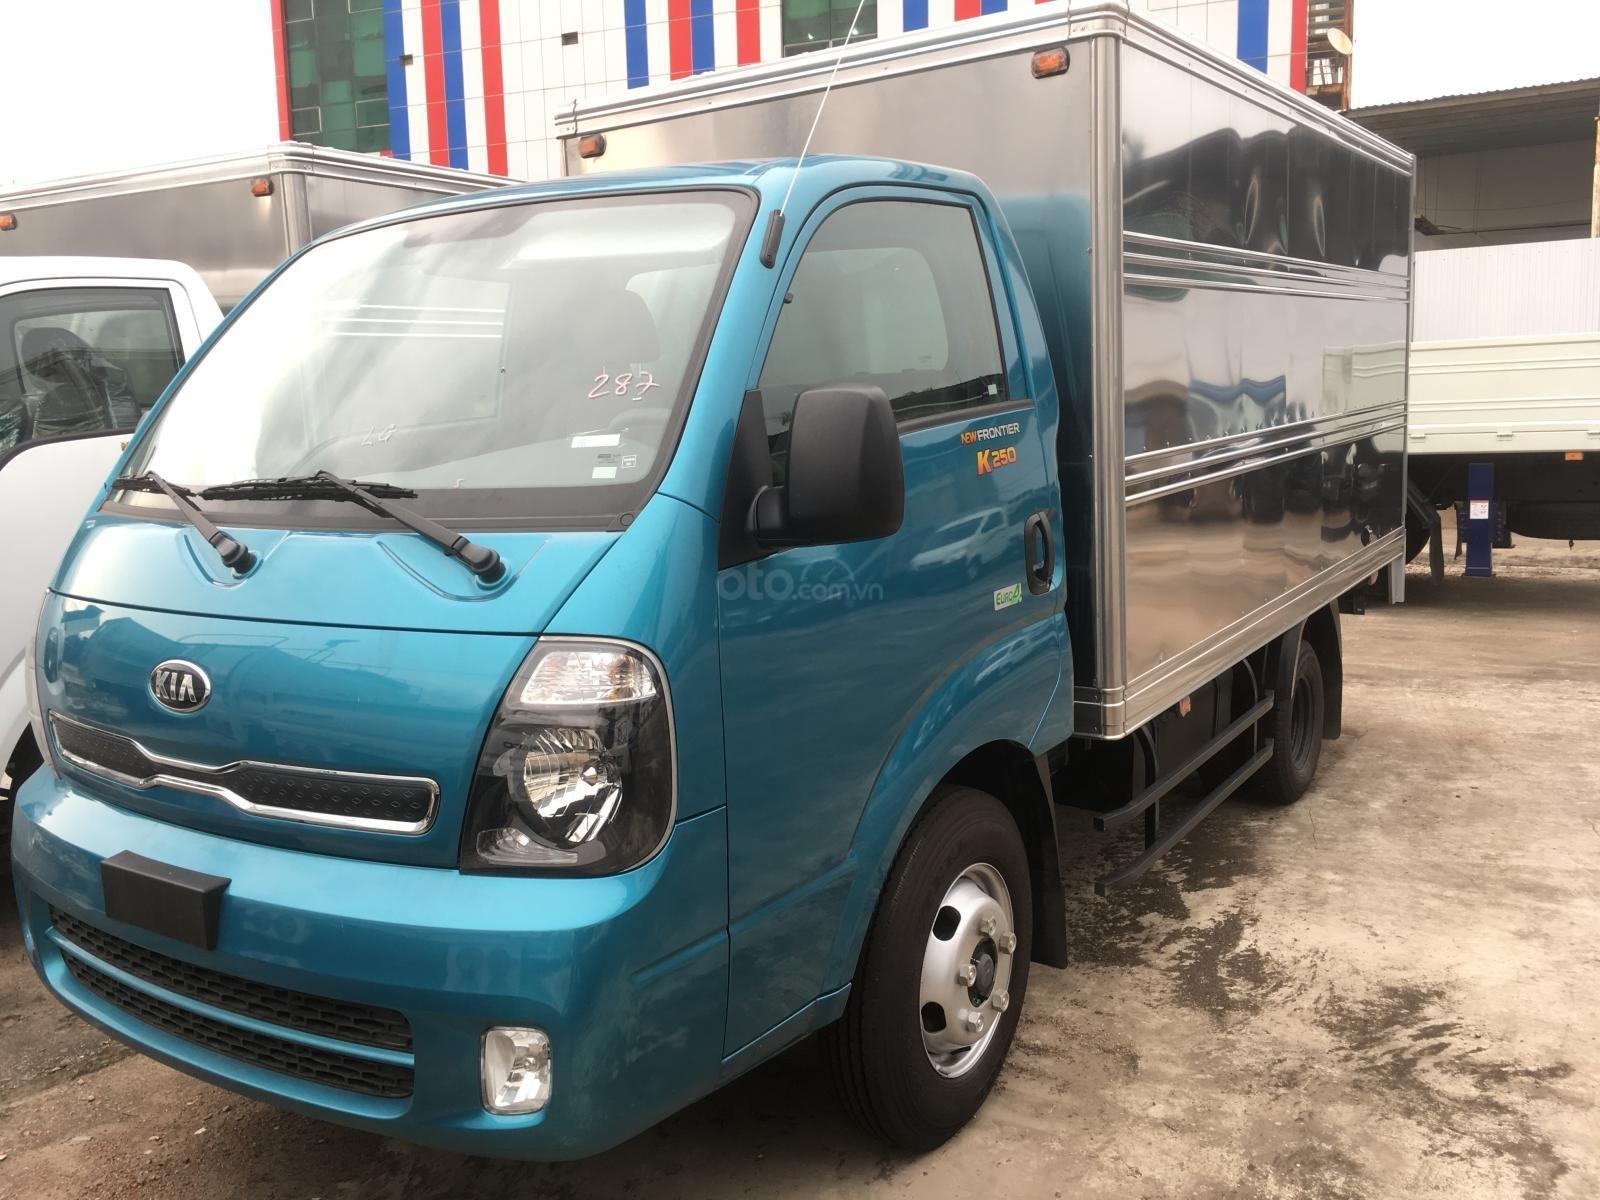 Bán xe tải 2,5 tấn Kia K250 tại Bình Dương, động cơ Hyundai, hỗ trợ vay vốn 75%, liên hệ: 0944 813 912 (3)